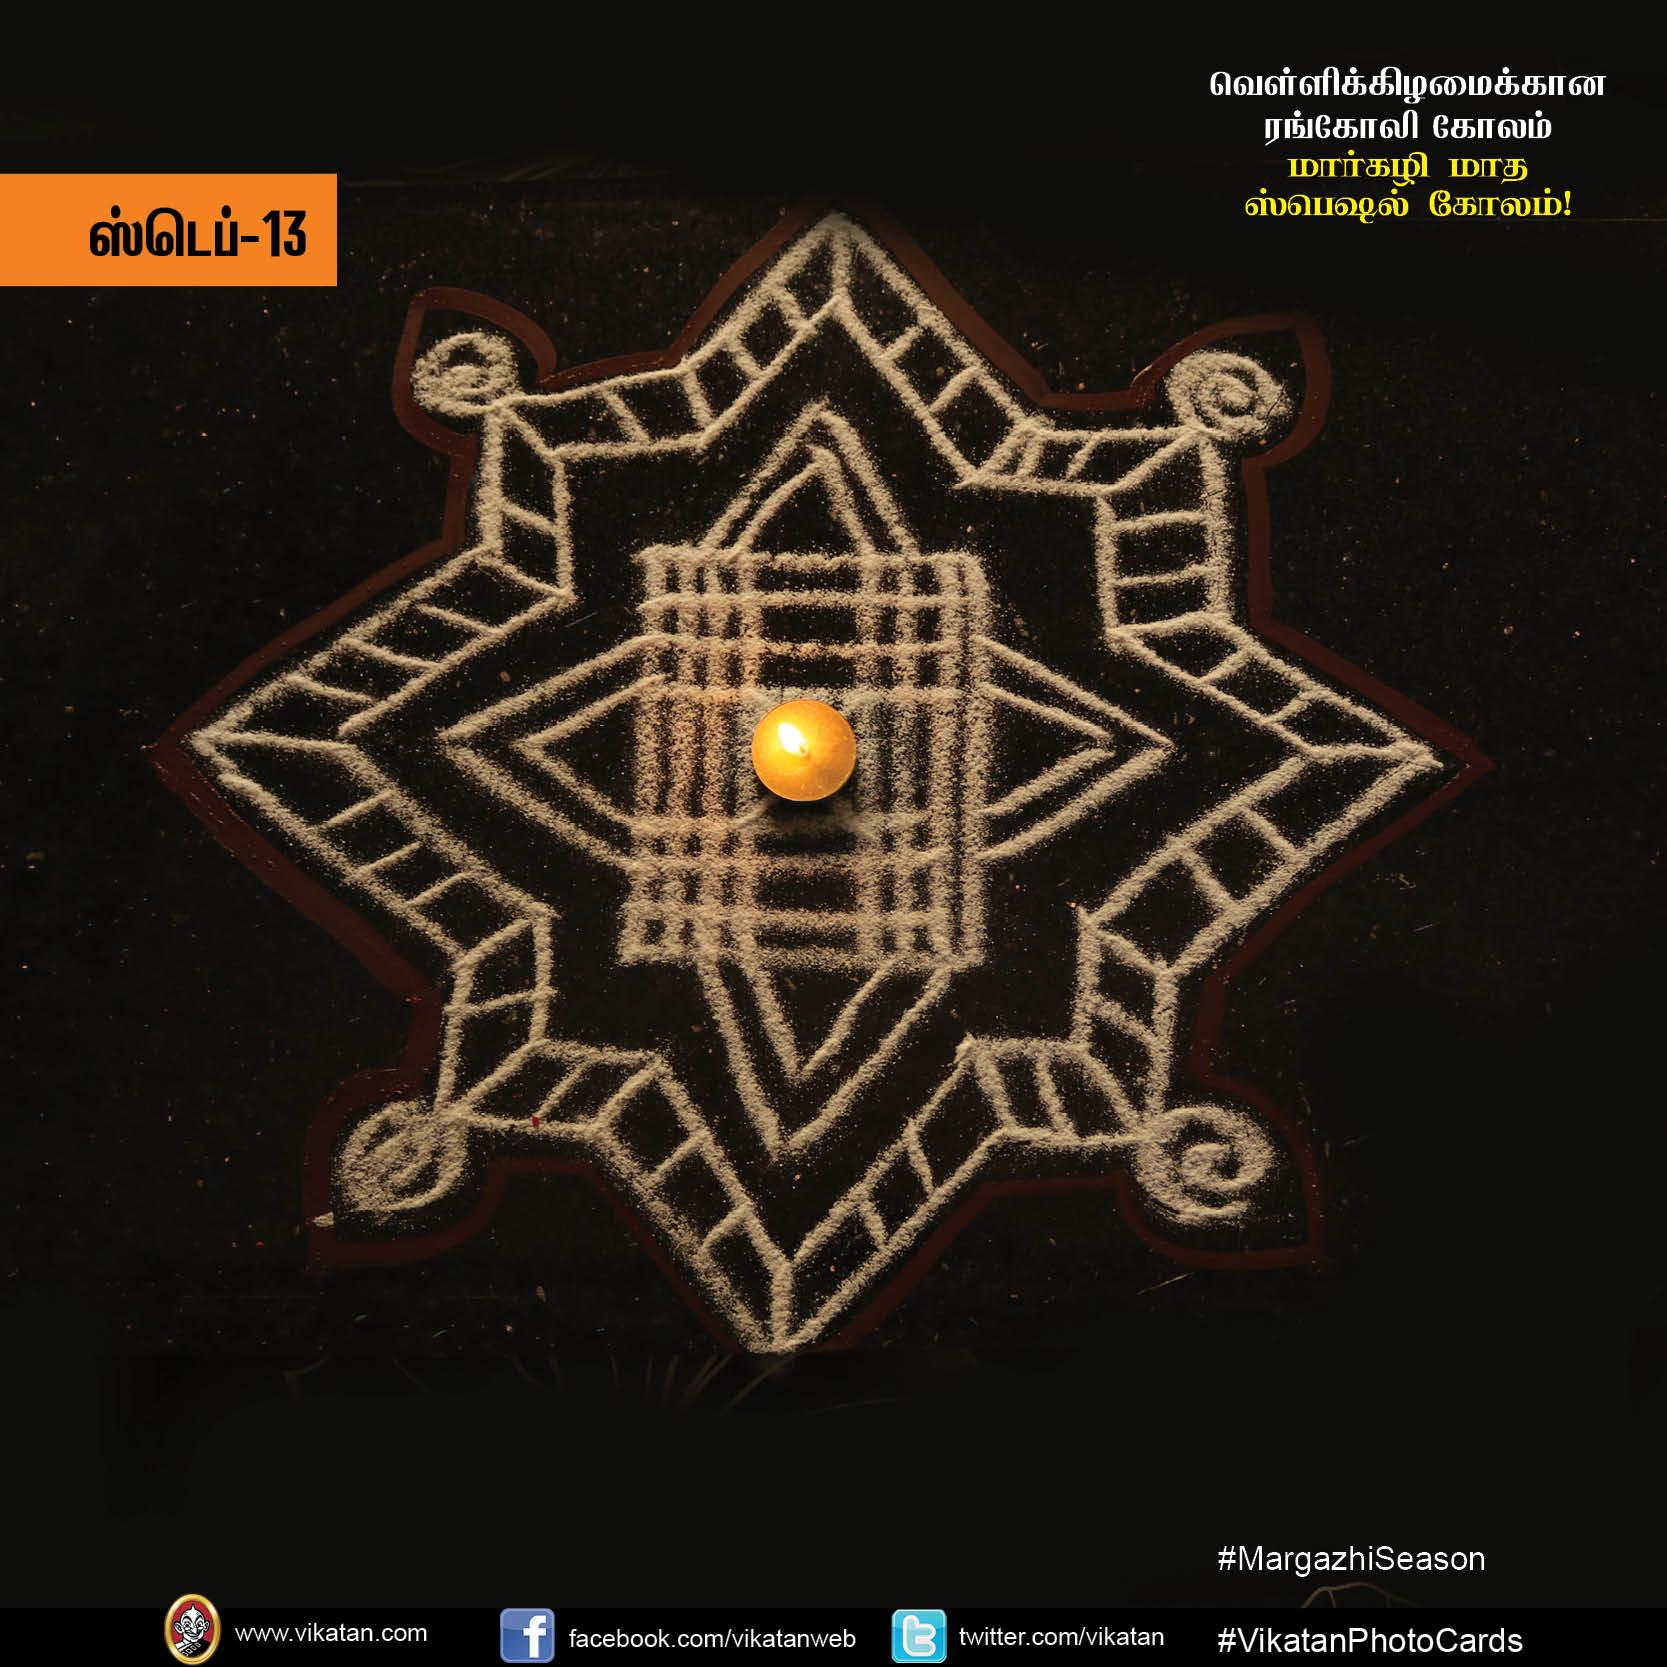 வெள்ளிக்கிழமைக்கான ரங்கோலி கோலம் - மார்கழி மாத ஸ்பெஷல் கோலம்!#VikatanPhotoCards #MargazhiSeason